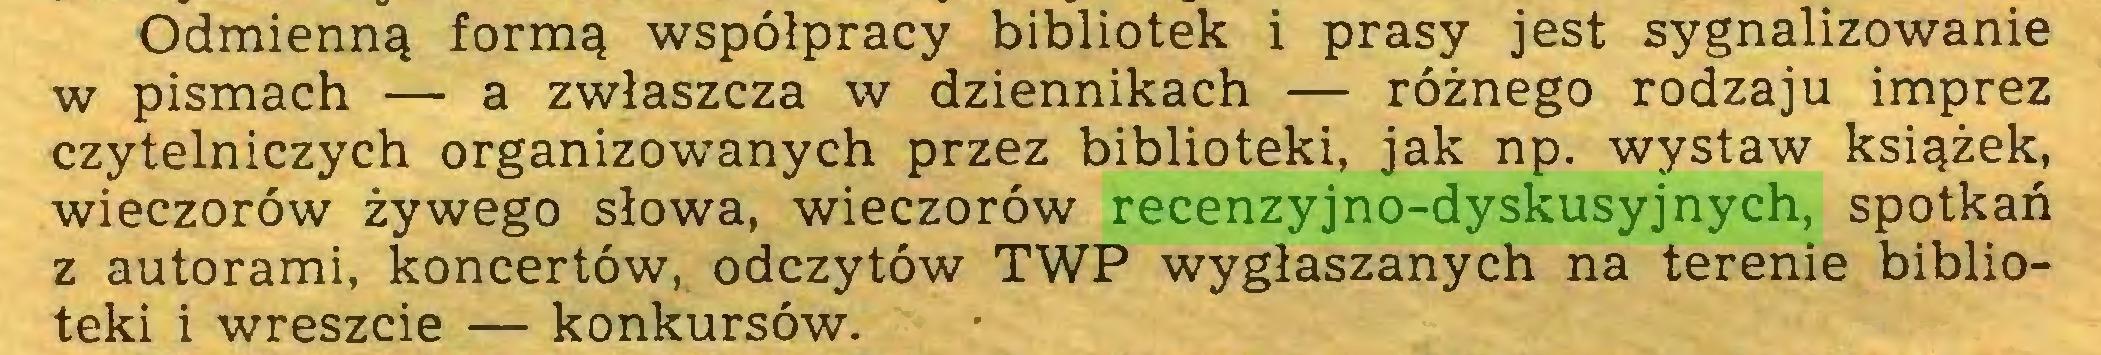 (...) Odmienną formą współpracy bibliotek i prasy jest sygnalizowanie w pismach — a zwłaszcza w dziennikach — różnego rodzaju imprez czytelniczych organizowanych przez biblioteki, jak np. wystaw książek, wieczorów żywego słowa, wieczorów recenzyjno-dyskusyjnych, spotkań z autorami, koncertów, odczytów TWP wygłaszanych na terenie biblioteki i wreszcie — konkursów...